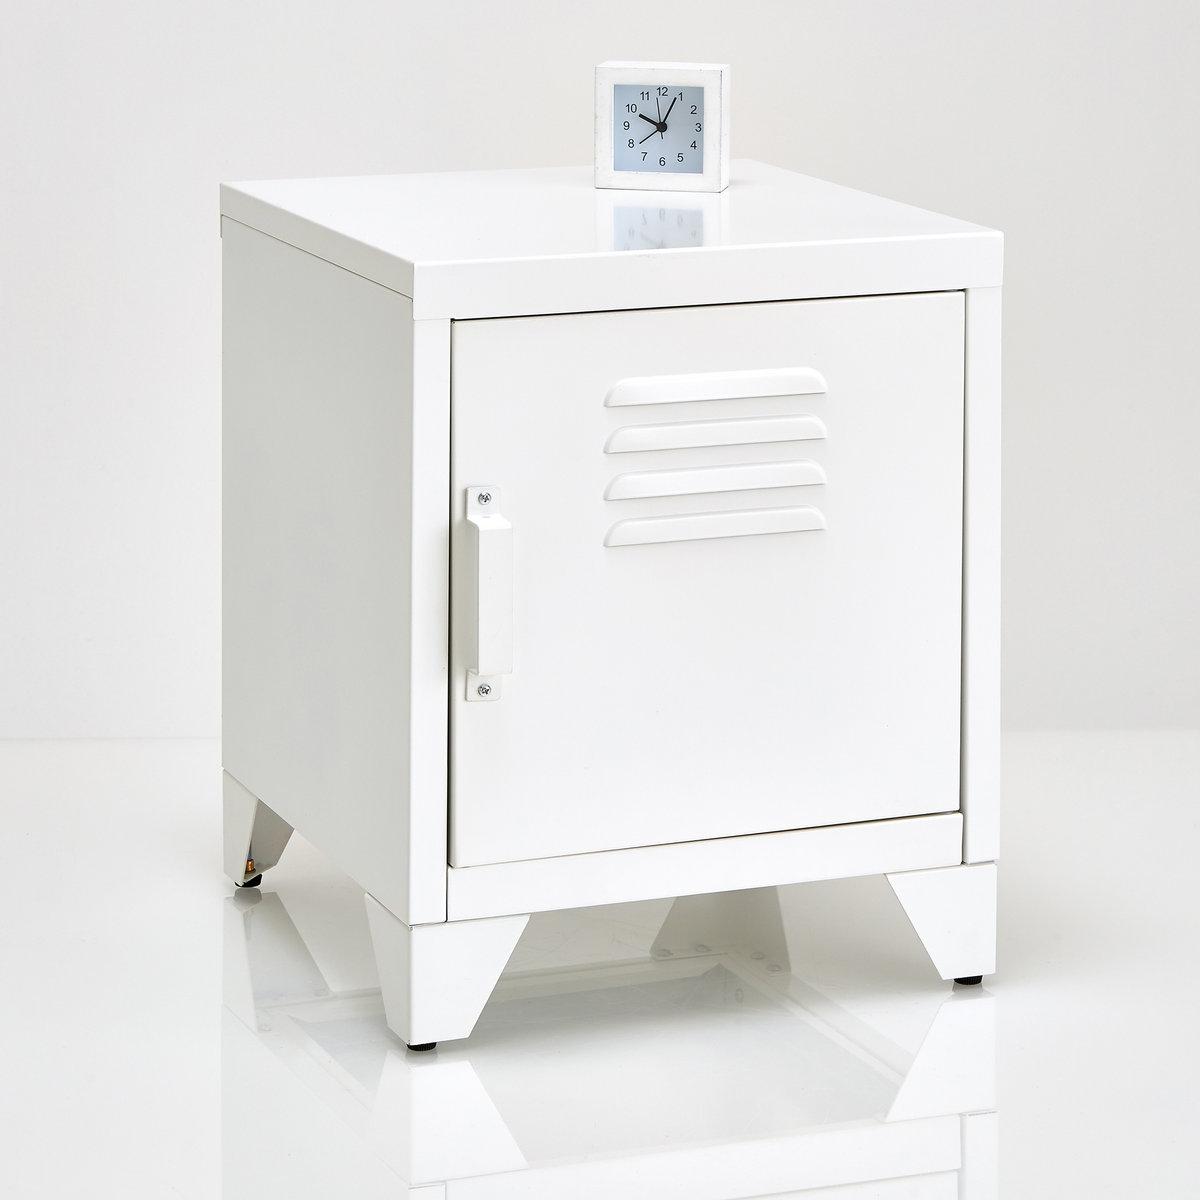 Столик прикроватный металлический HibaМеталлический прикроватный столик с 1 дверцей  Hiba. Прекрасный прикроватный столик Hiba в модной симпатичной цветовой гамме и индустриальном стиле. Описание металлического прикроватного столикаHiba :1 дверца .1 съемная этажерка внутри.Характеристики  :Металл с эпоксидным покрытием .Откройте для себя всюколлекцию Hiba на сайте laredoute.ru.Размеры :Общие :Ширина : 40 смВысота : 50 смГлубина : 40 смНастенная полка : Шир. 35,6 x Шд. 39,7 смНожки : Выс. 8,5 смРазмеры и вес упаковки :1 упаковкаШир. 49 x Выс. 23 x Гл. 46,5 см 9,7 кг Доставка :Поставляется в разобранном виде . Возможна доставка на дом !Внимание ! Убедитесь, что посылку возможно доставить на дом, учитывая ее габариты (двери, лестницы, лифт).<br><br>Цвет: антрацит,белый,красный<br>Размер: единый размер